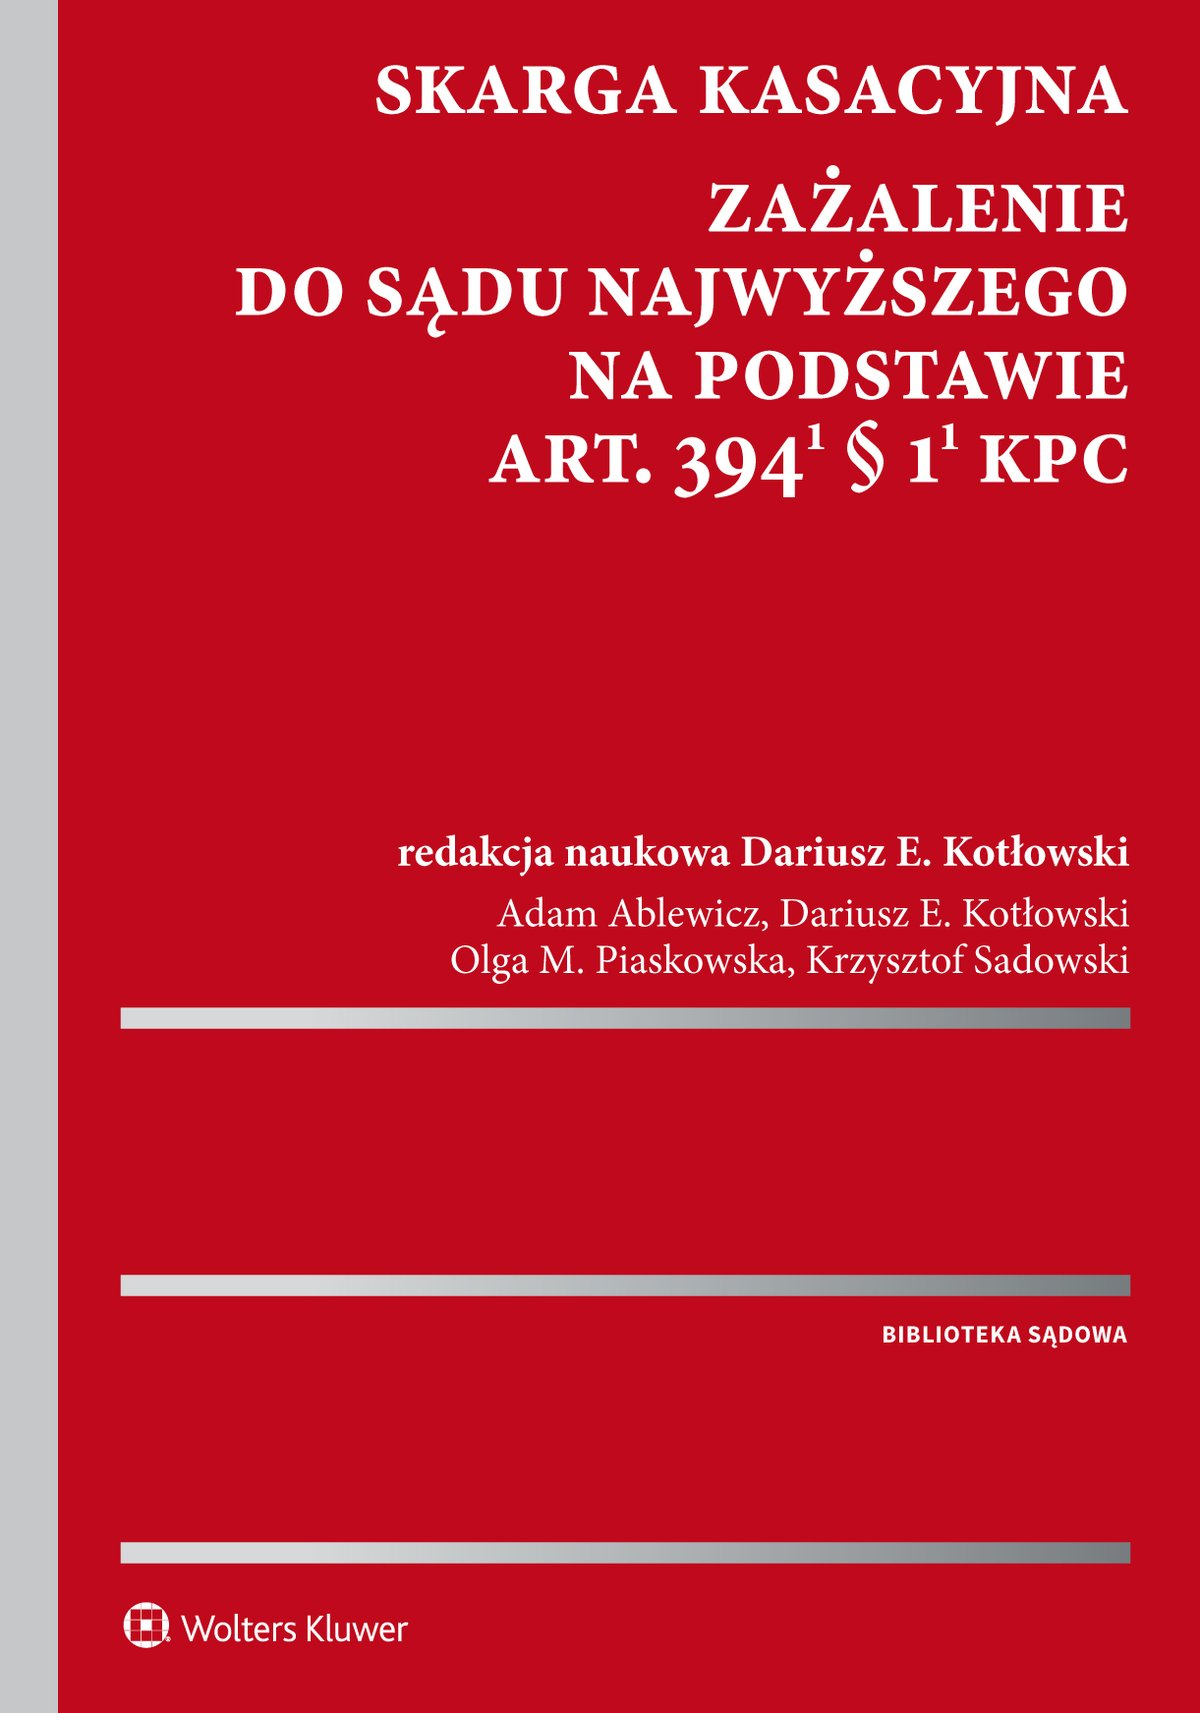 Skarga kasacyjna. Zażalenie do Sądu Najwyższego na podstawie art. 394(1) § 1(1) k.p.c. - Ebook (Książka EPUB) do pobrania w formacie EPUB